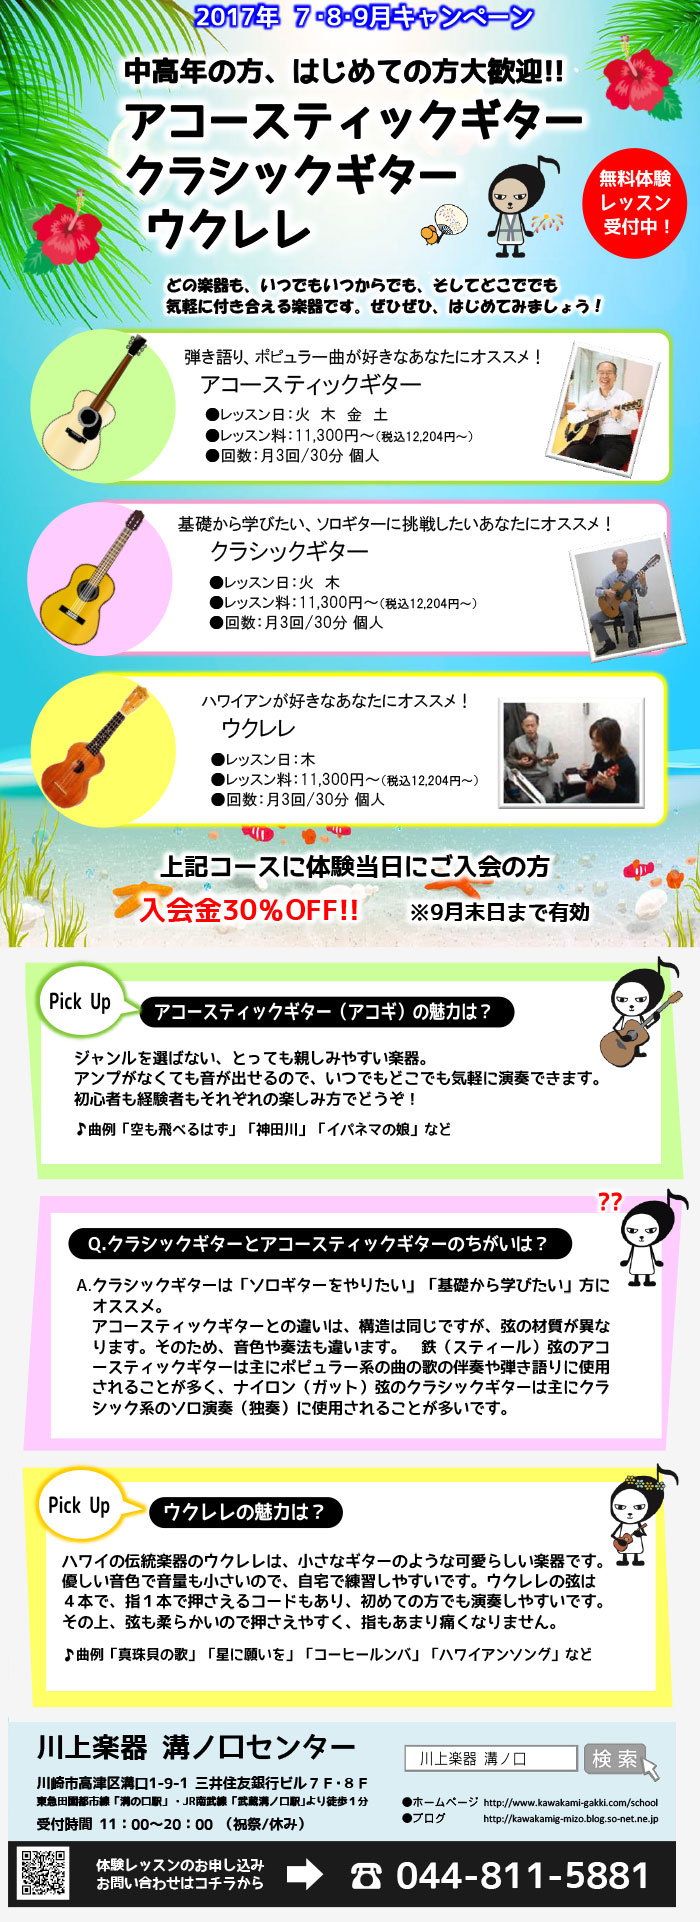 アコーステックギター・クラシックギター・ウクレレ